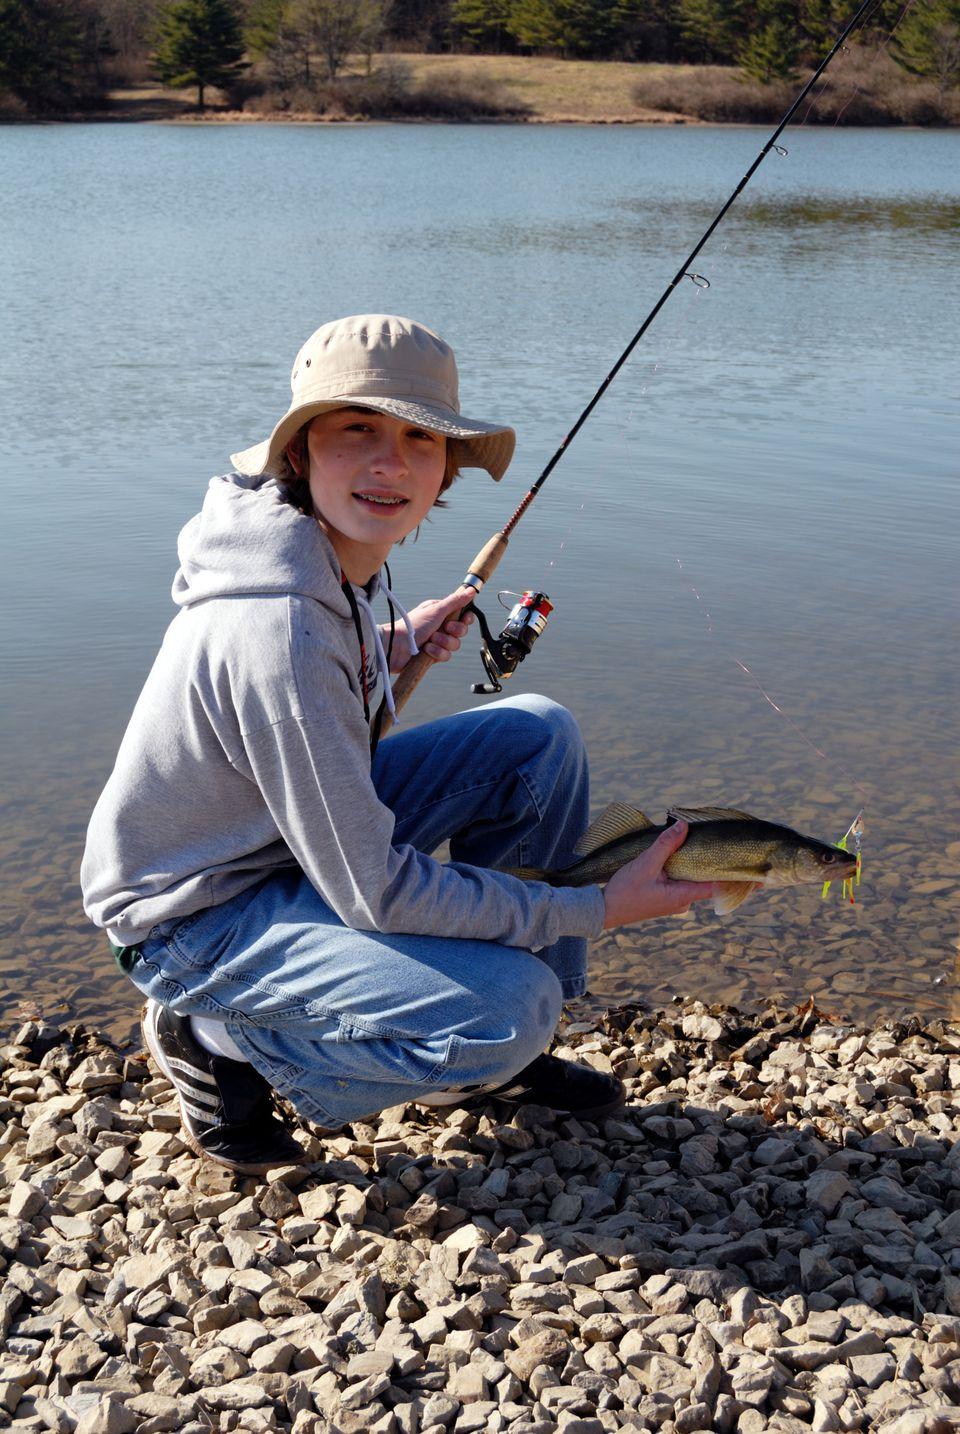 Teenage boy fishing.